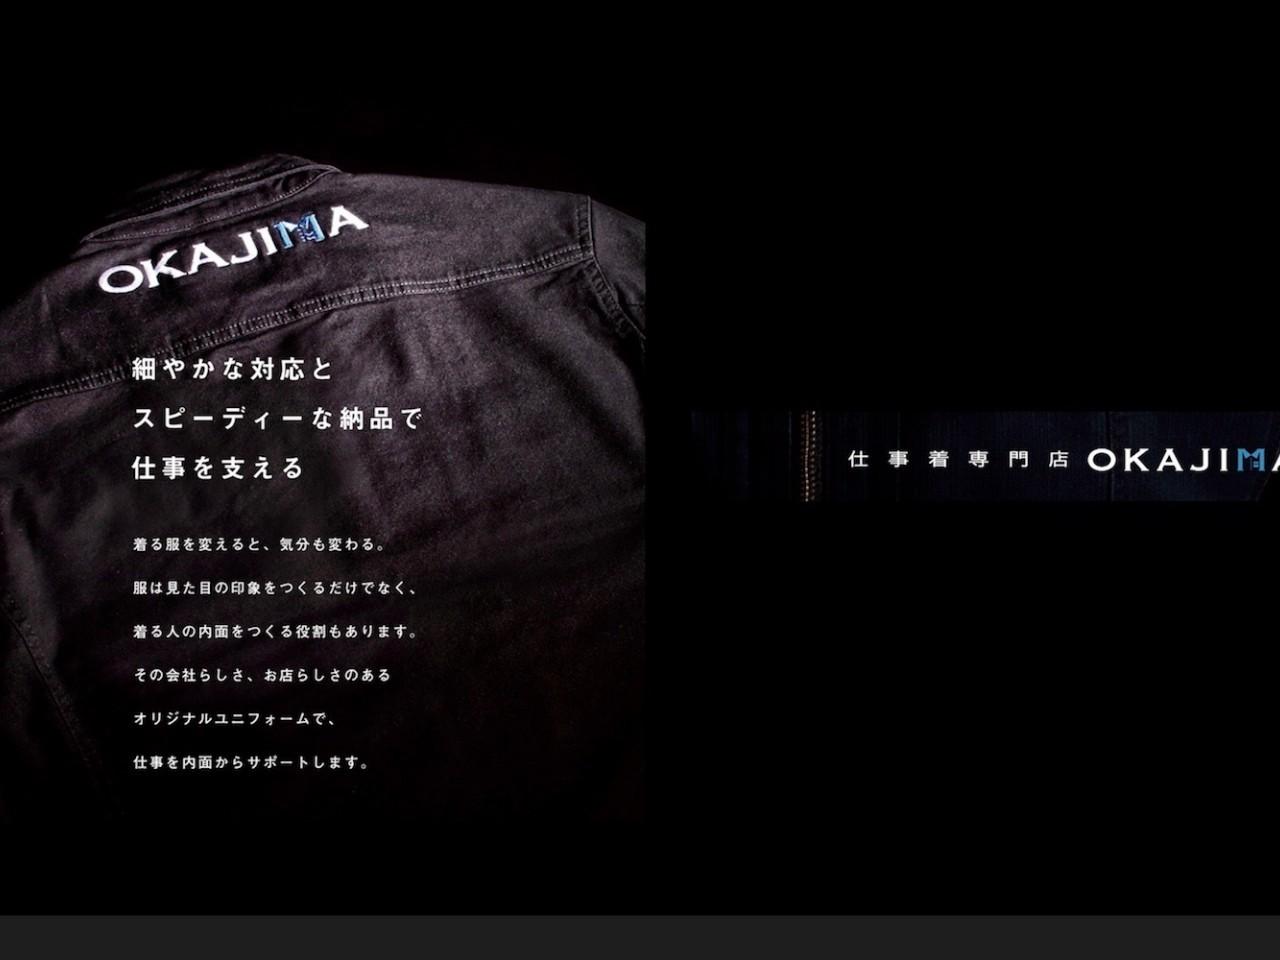 株式会社オカジマ商事・作業服・プリントで作るオリジナルユニフォーム」オカジマ